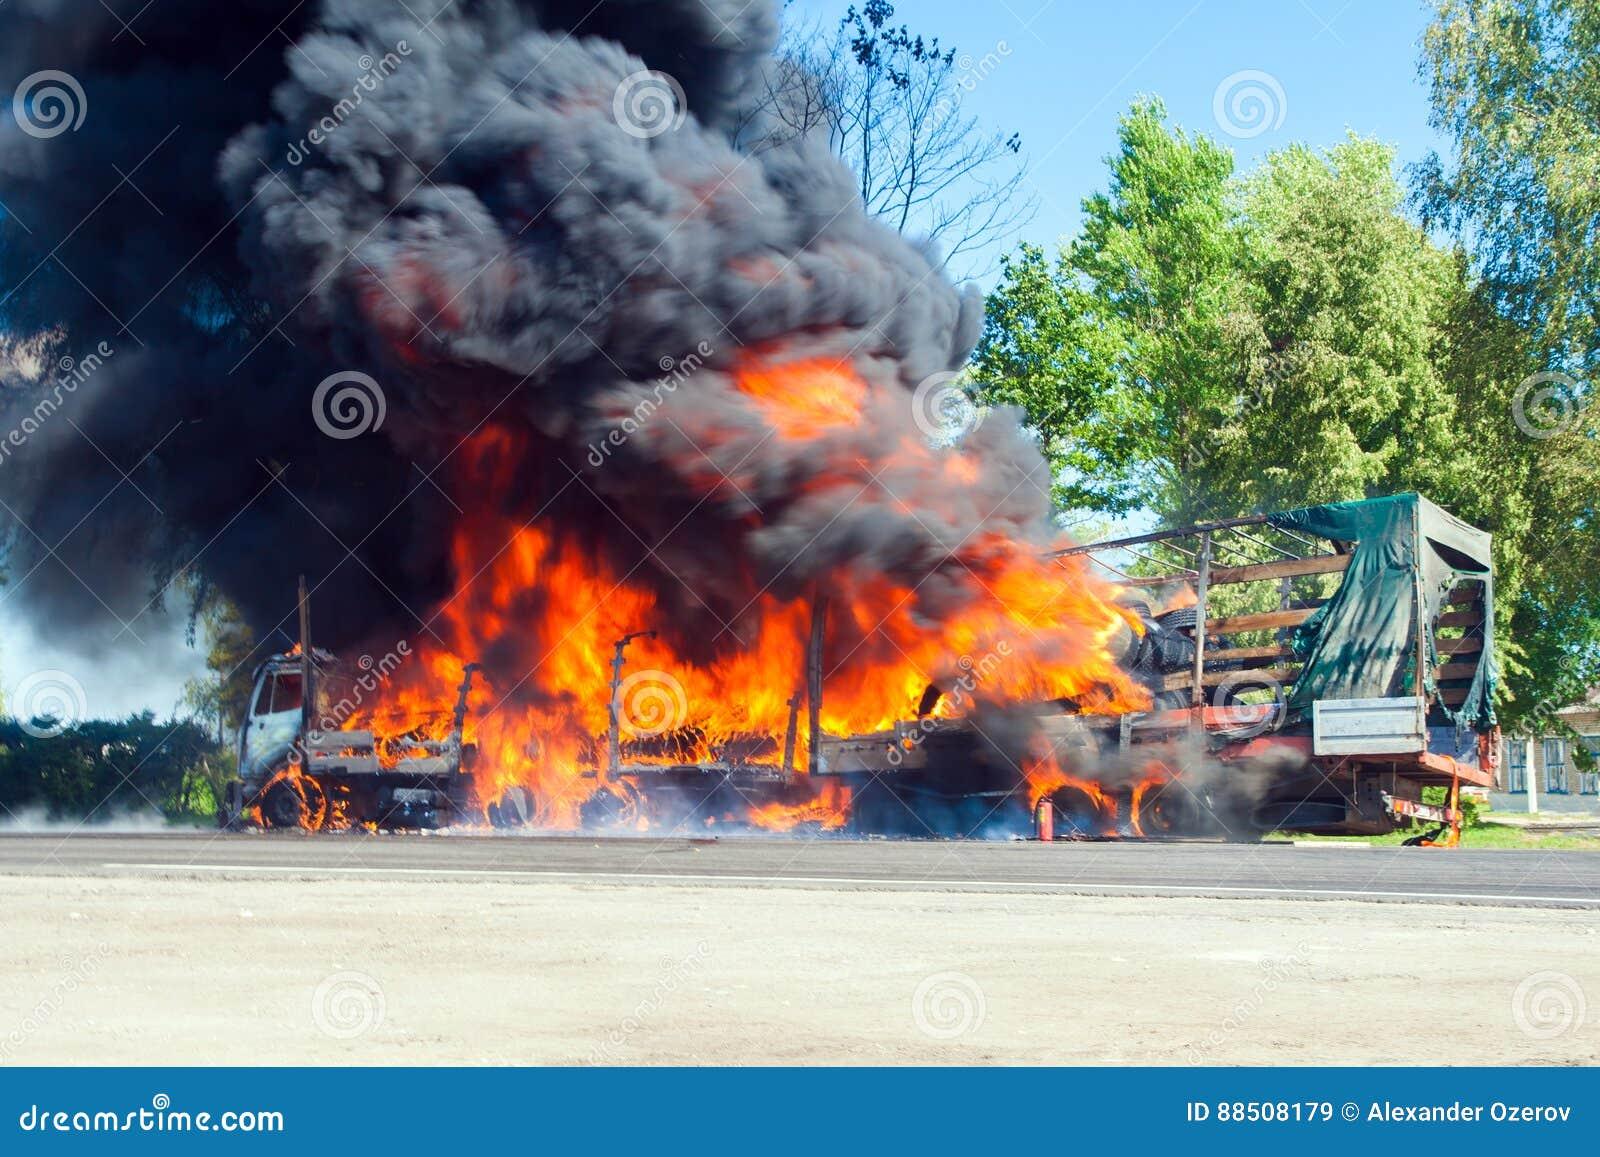 LKW im Feuer mit schwarzem Rauche auf der Straße